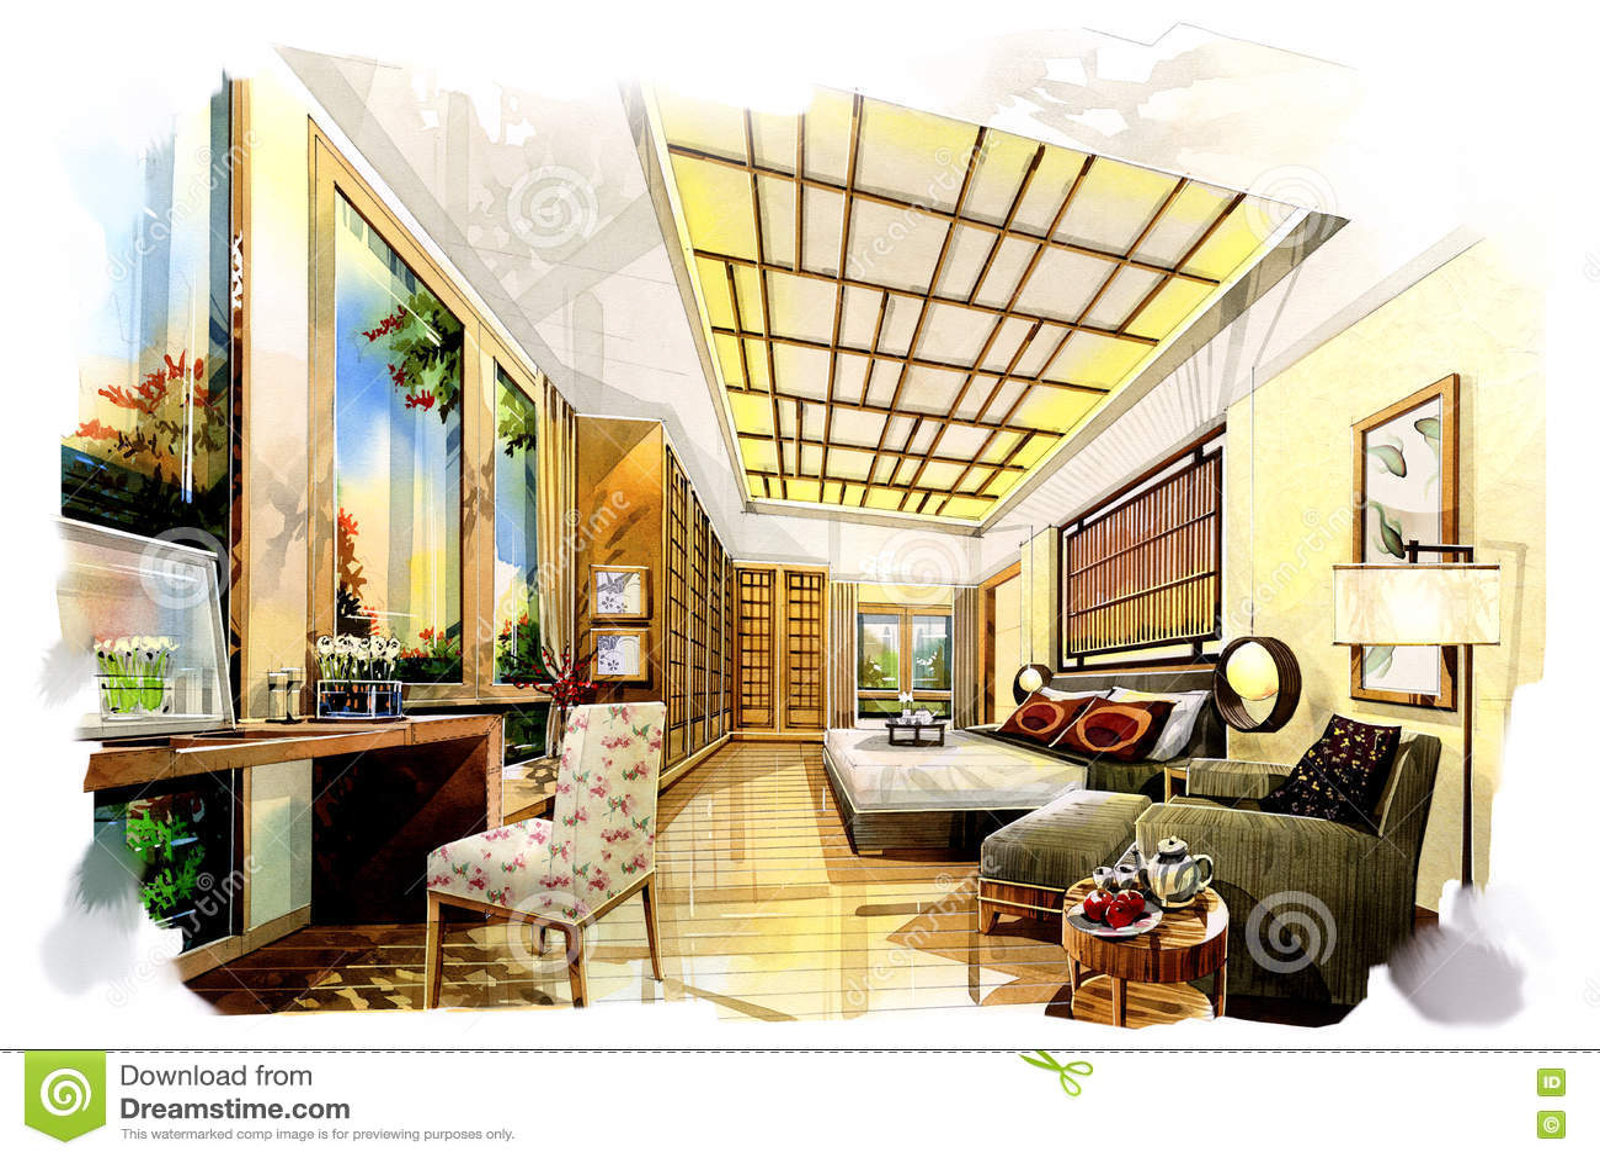 Schizzi i giapponesi interni della camera da letto in un acquerello illustrazione di stock - I segreti della camera da letto ...